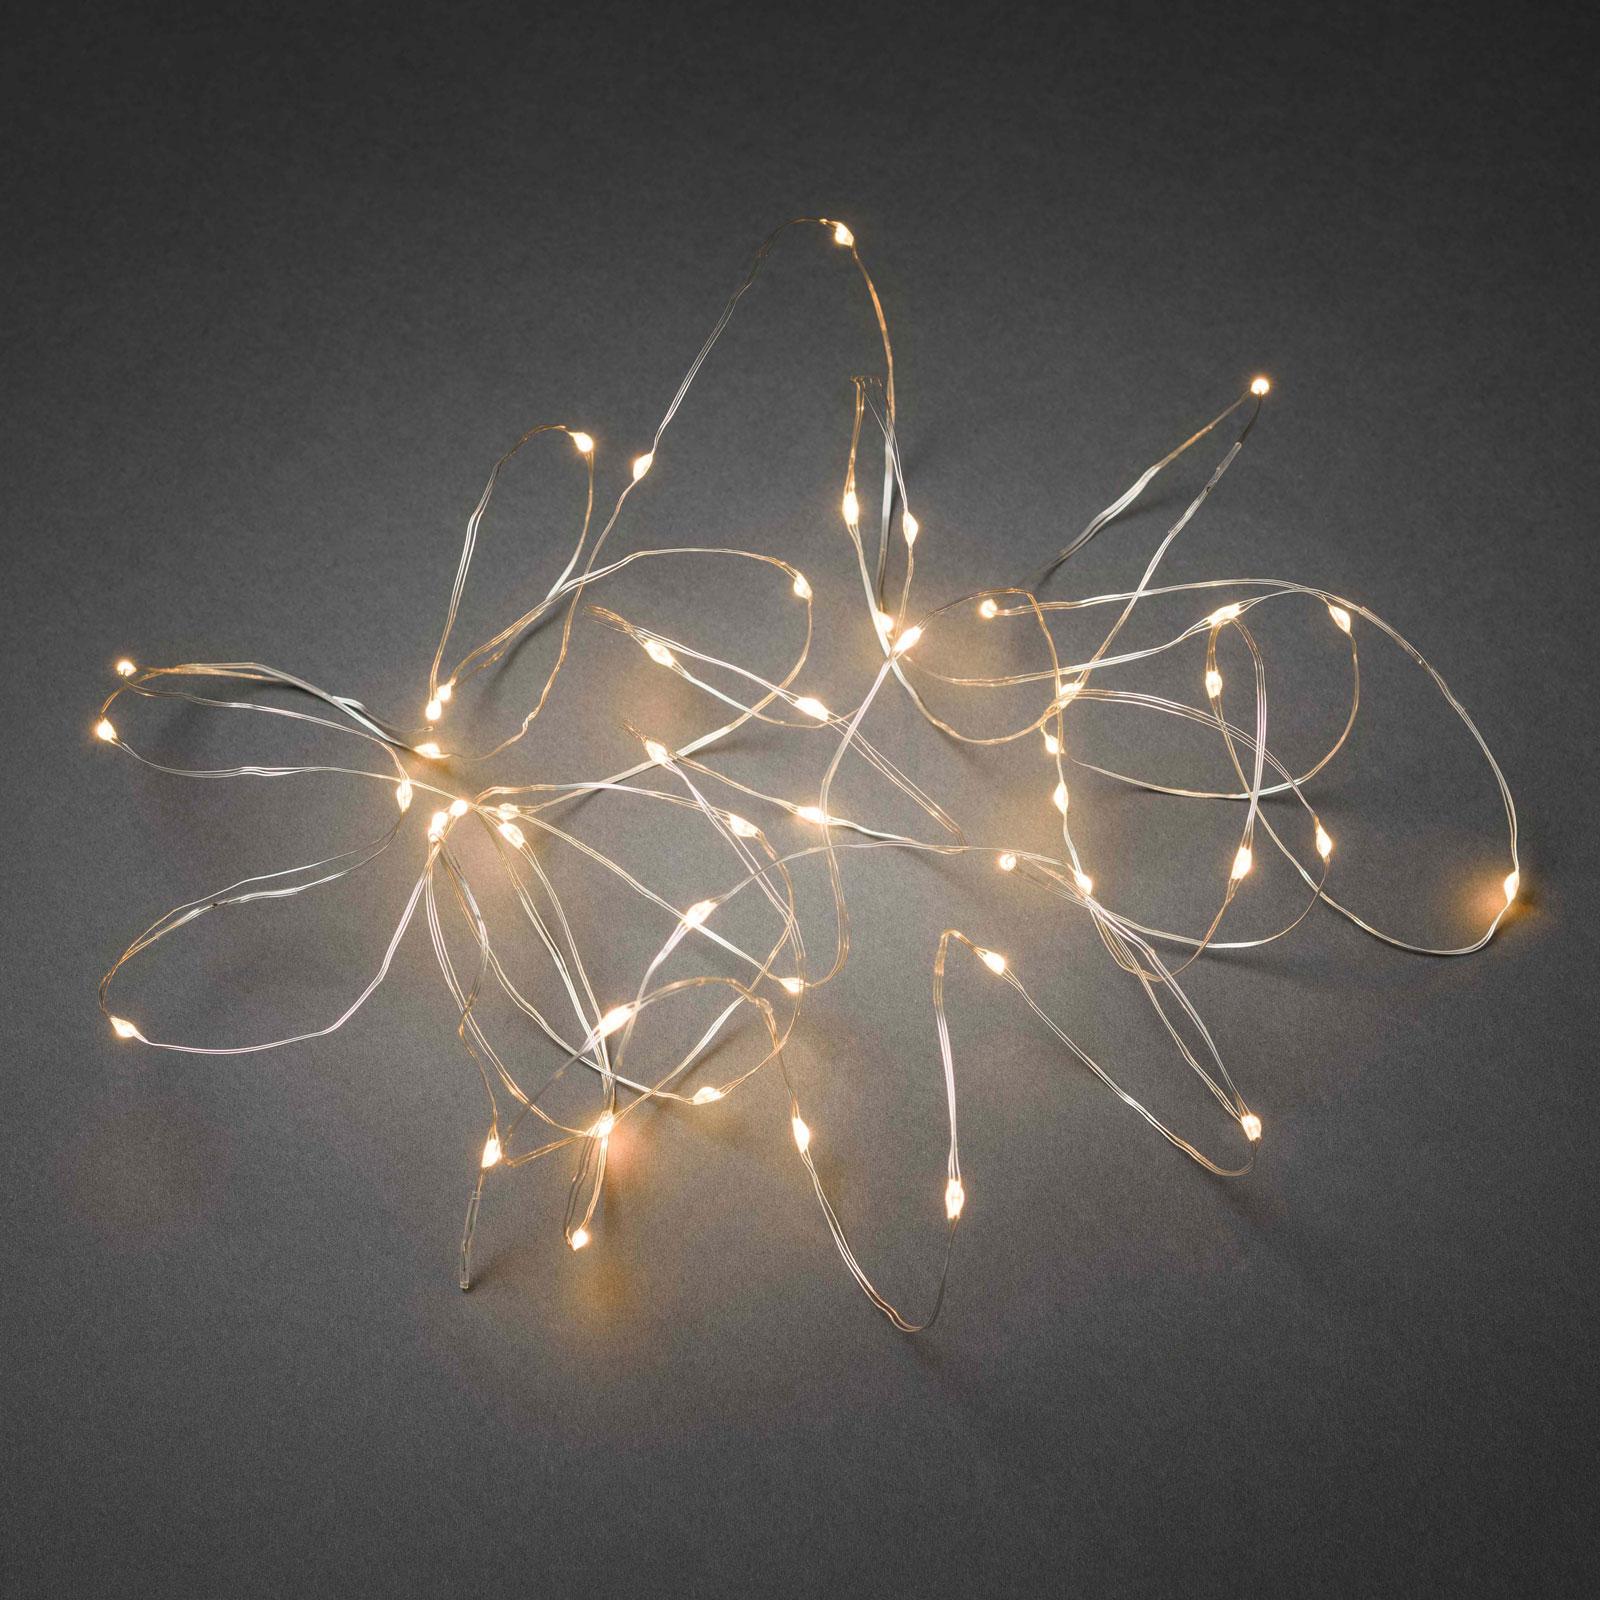 LED-lyslenke Dråper, app-kontrollerbar, 100 lk